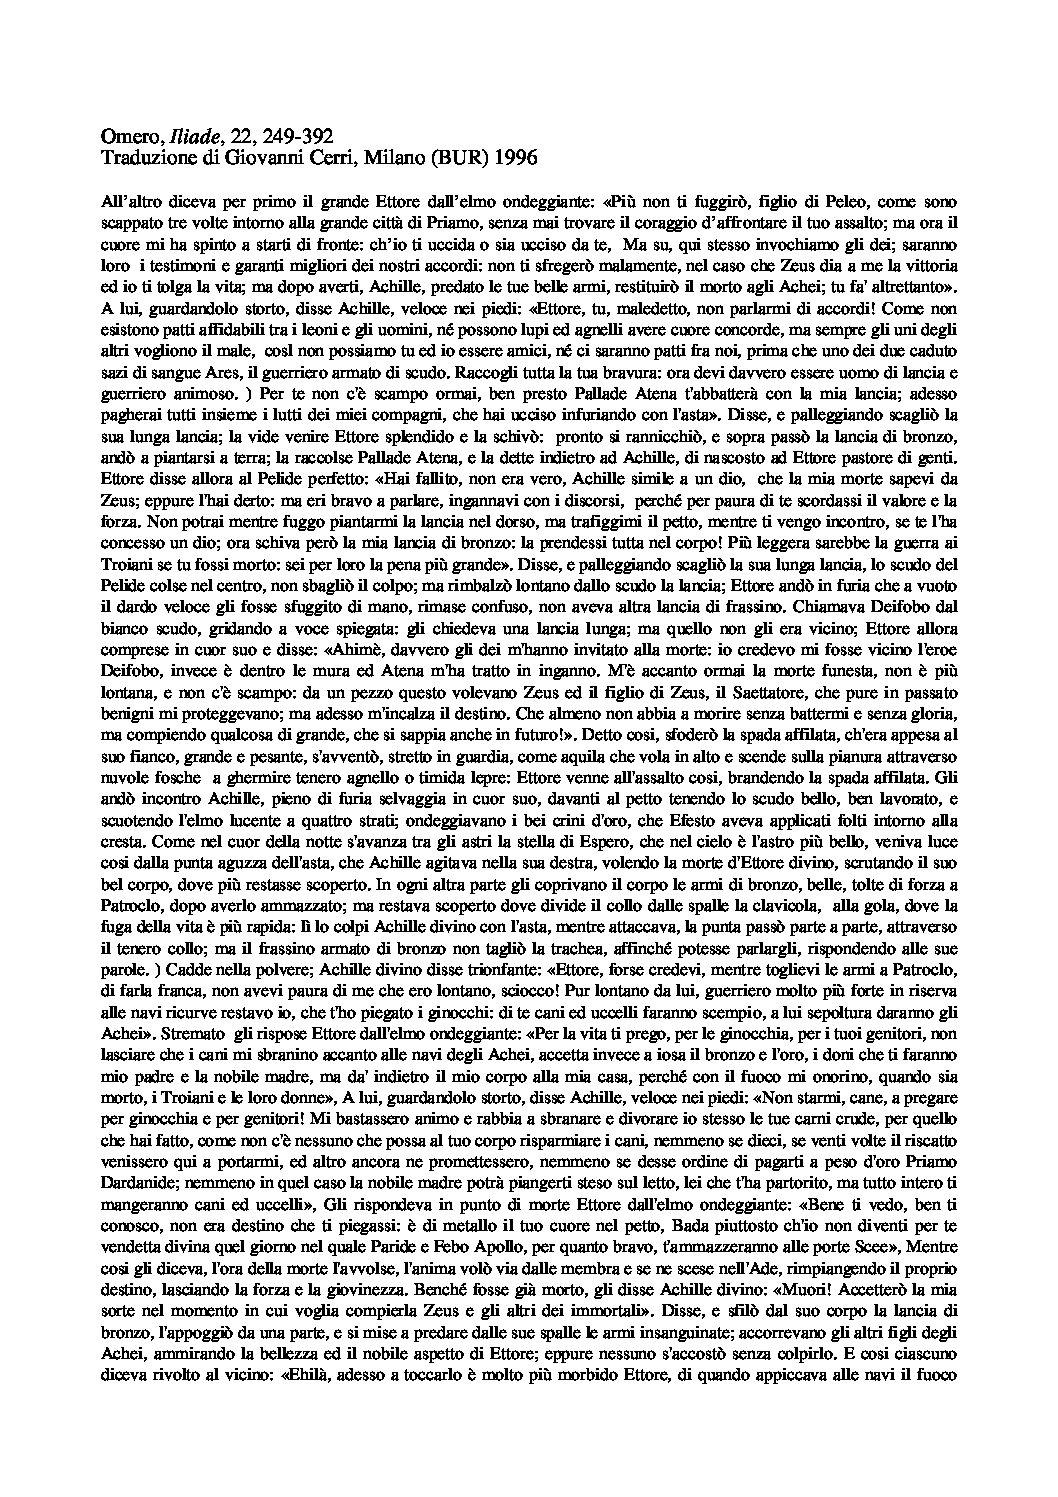 Omero Iliade XXII 249-392